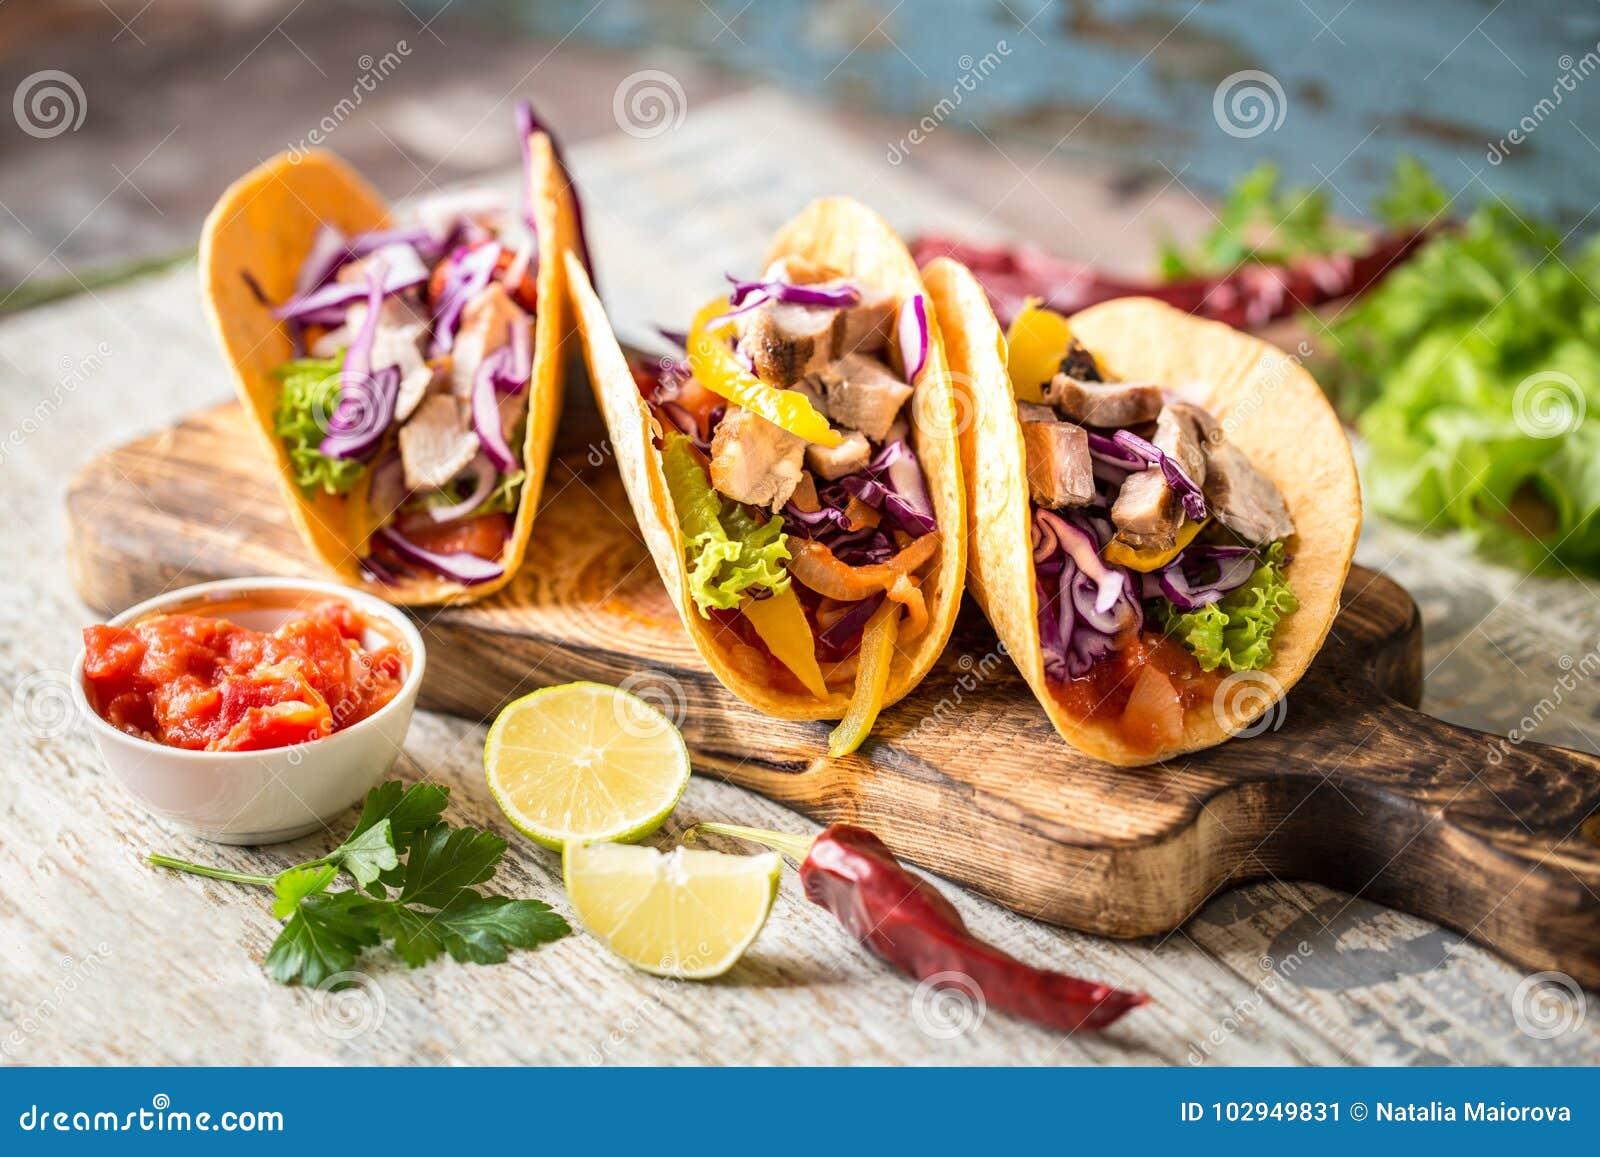 Tacos mexicain de nourriture, poulet frit, verts, mangue, avocat, poivre, Salsa